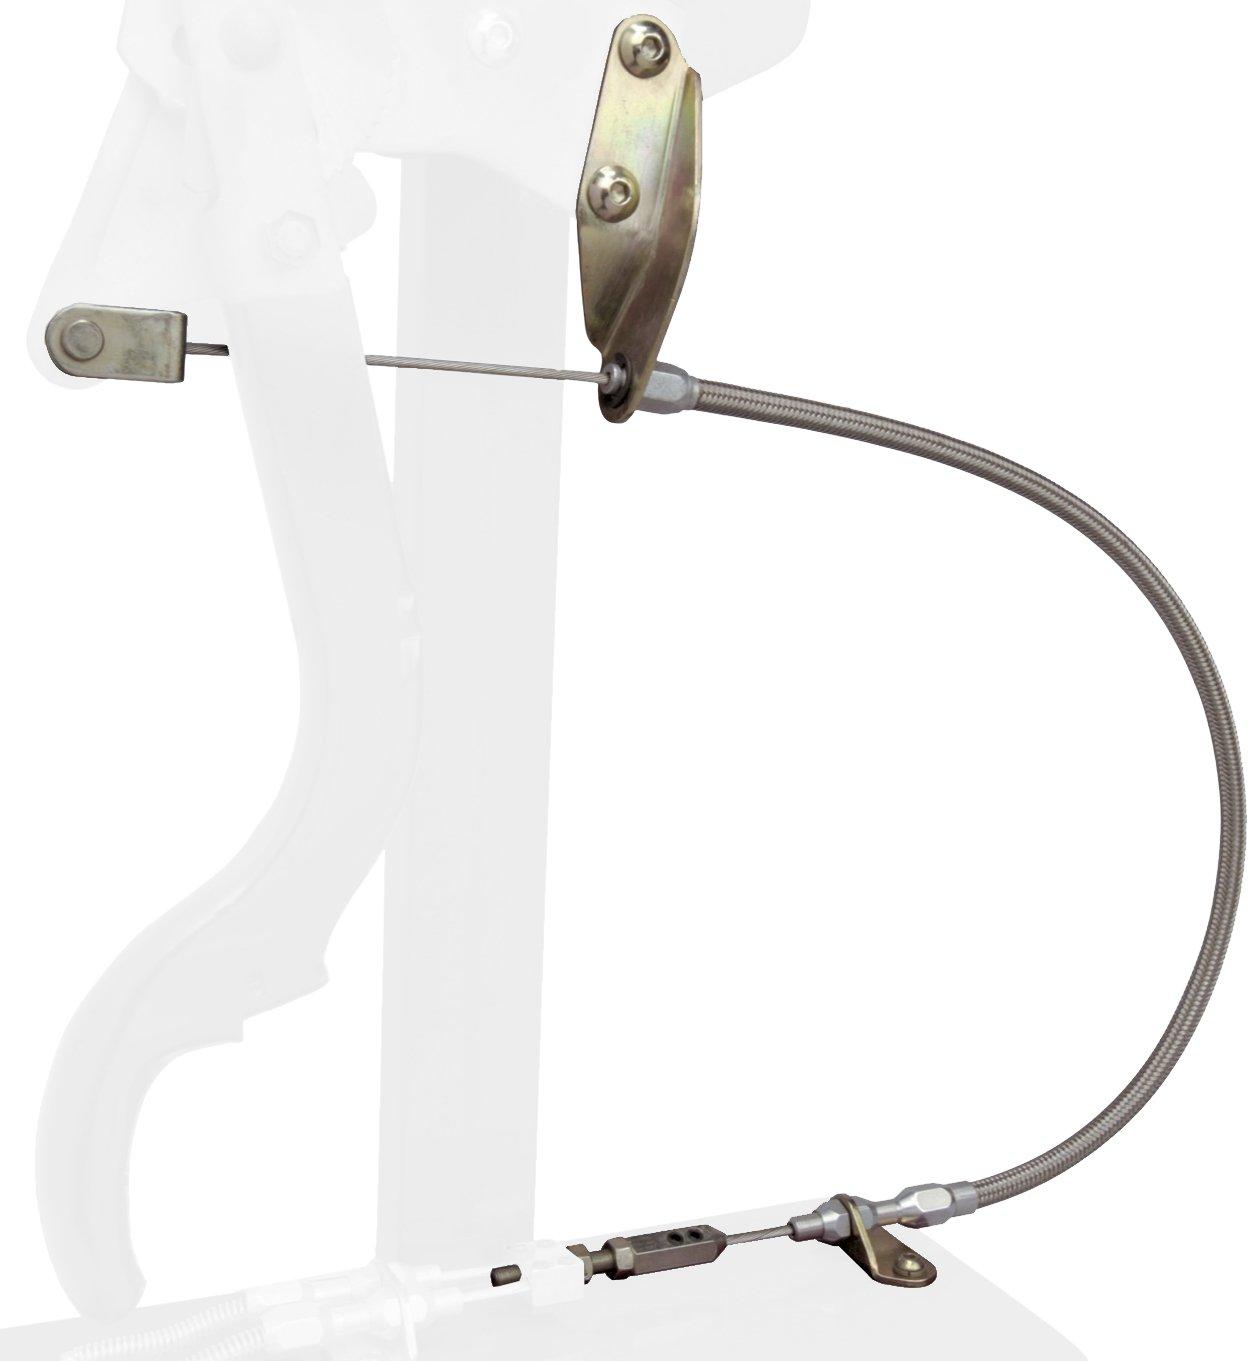 Lokar EC-8003U Black Connector Cable